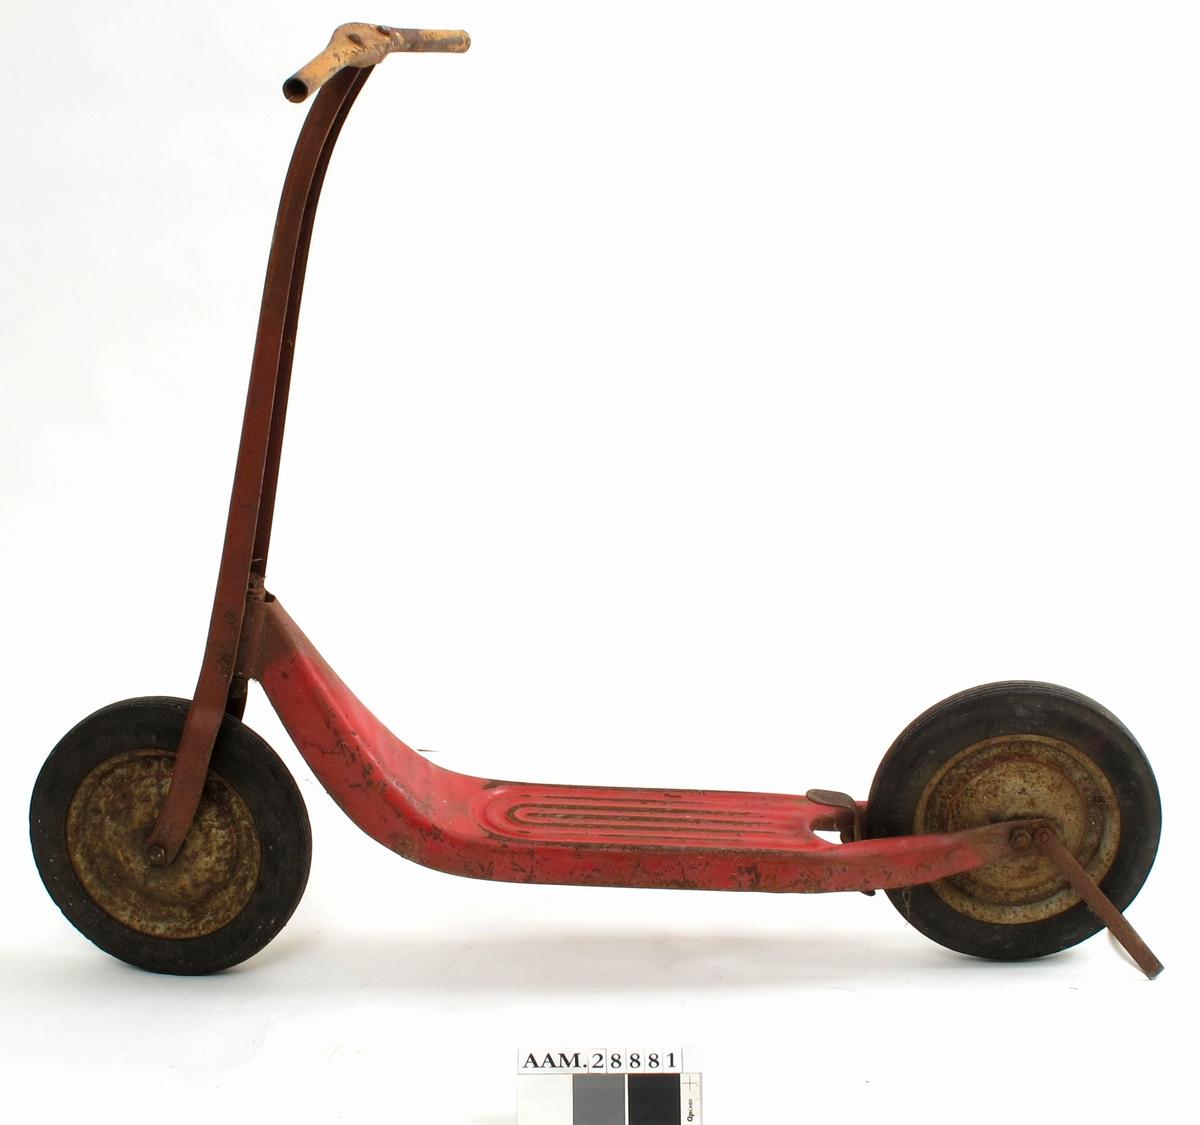 Sparkesykkel i sørmalt metall, grå hjul, sort helgummi. Sykkelen har støtte (bak), brems som betjenes med fotpedal, og riflet mønster i fotbrett. Noen rustflekker.